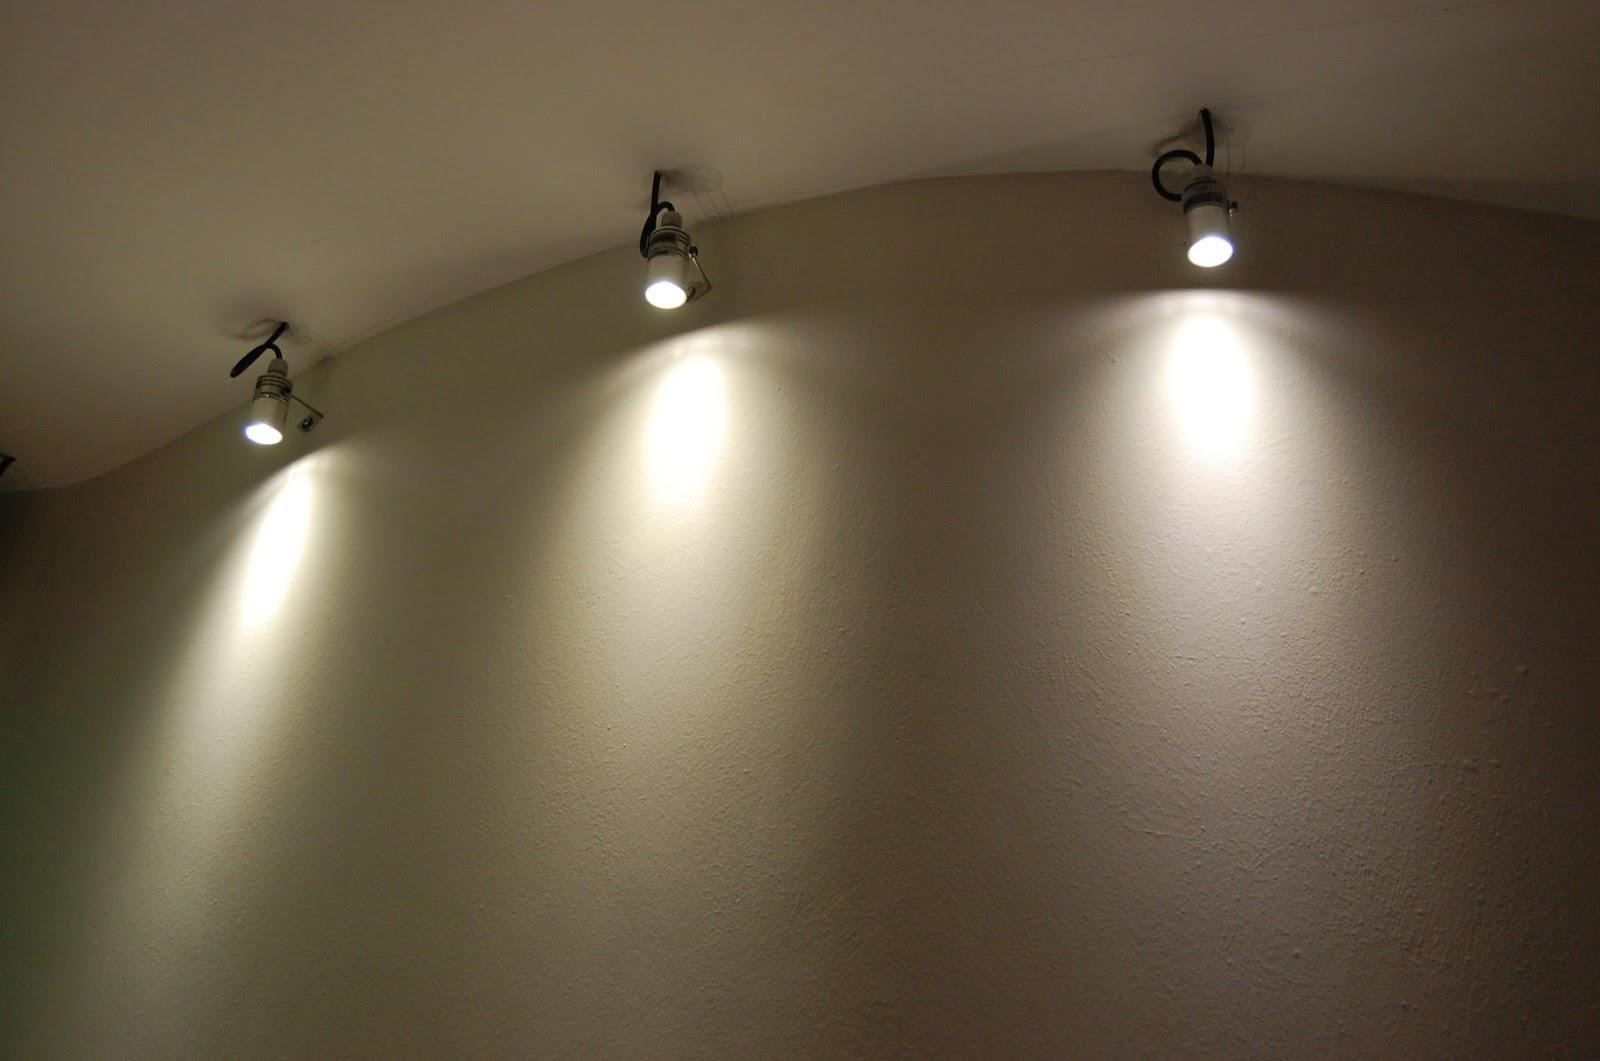 Très Illuminazione Led casa: Illuminare a Led gli ambienti con Faretti  FY44